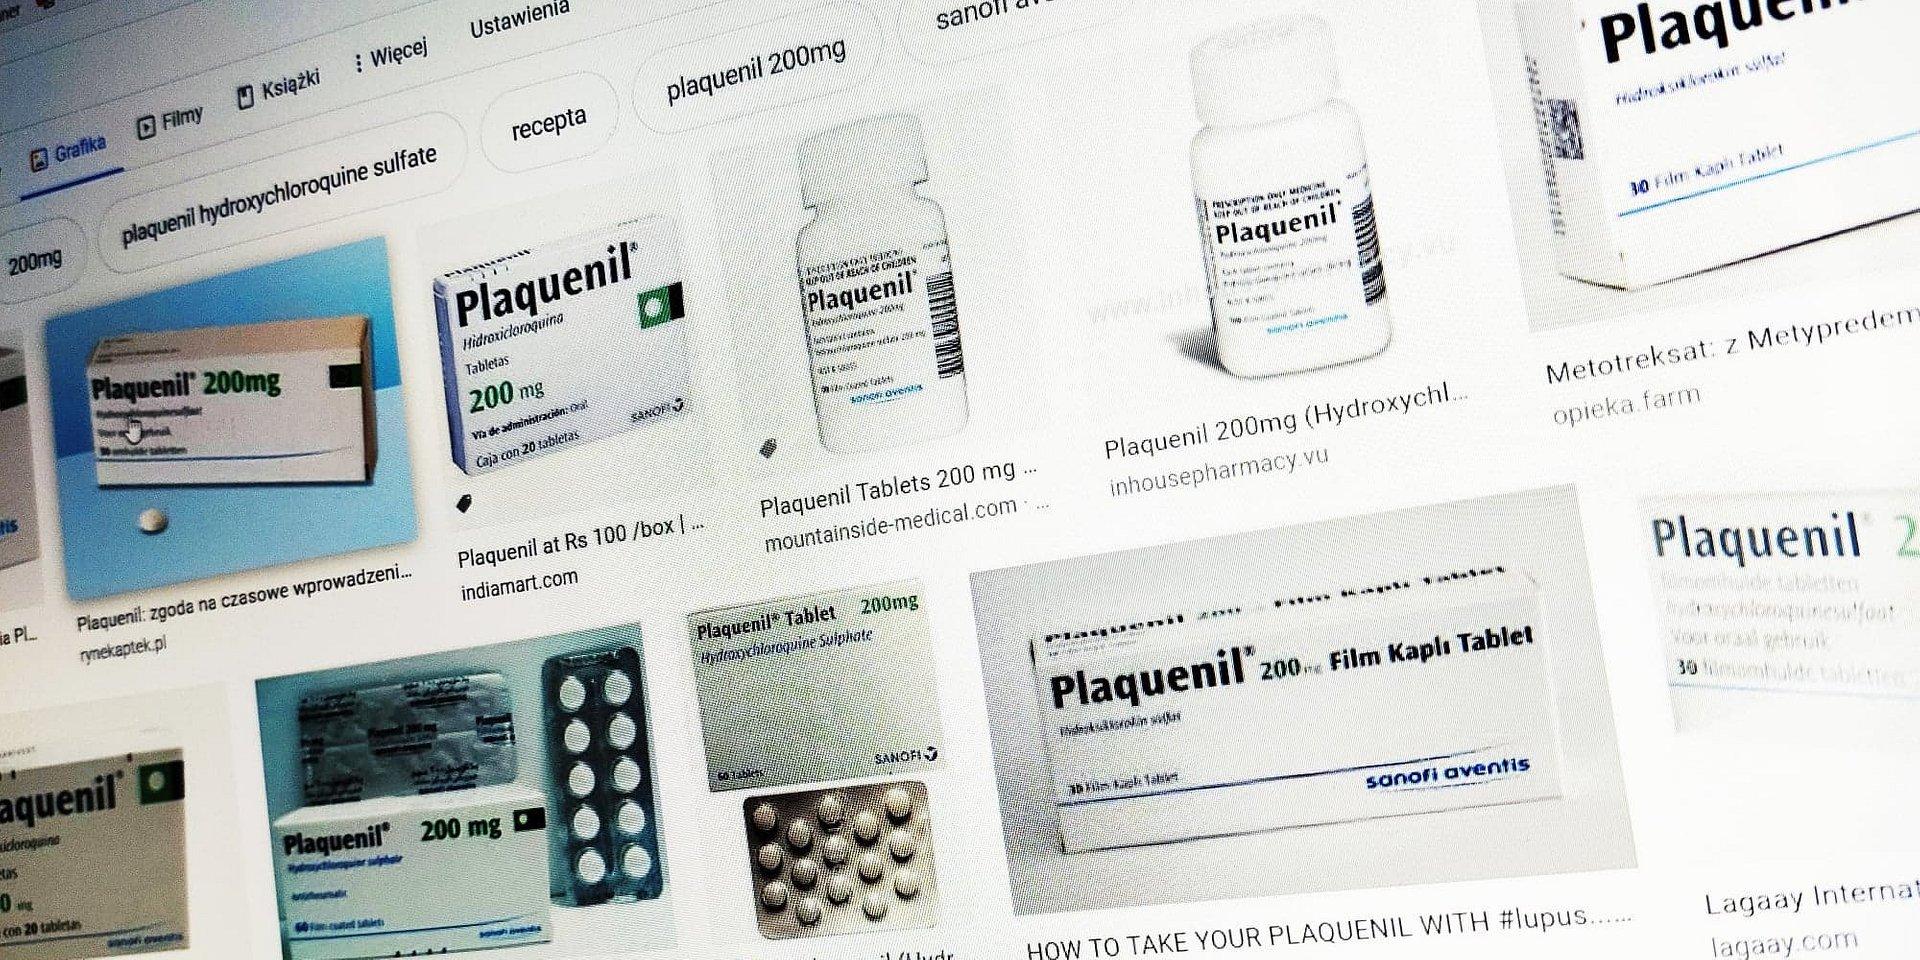 Arechin i Plaquenil do walki z koronawirusem. Pacjenci chcą zażywać... profilaktycznie